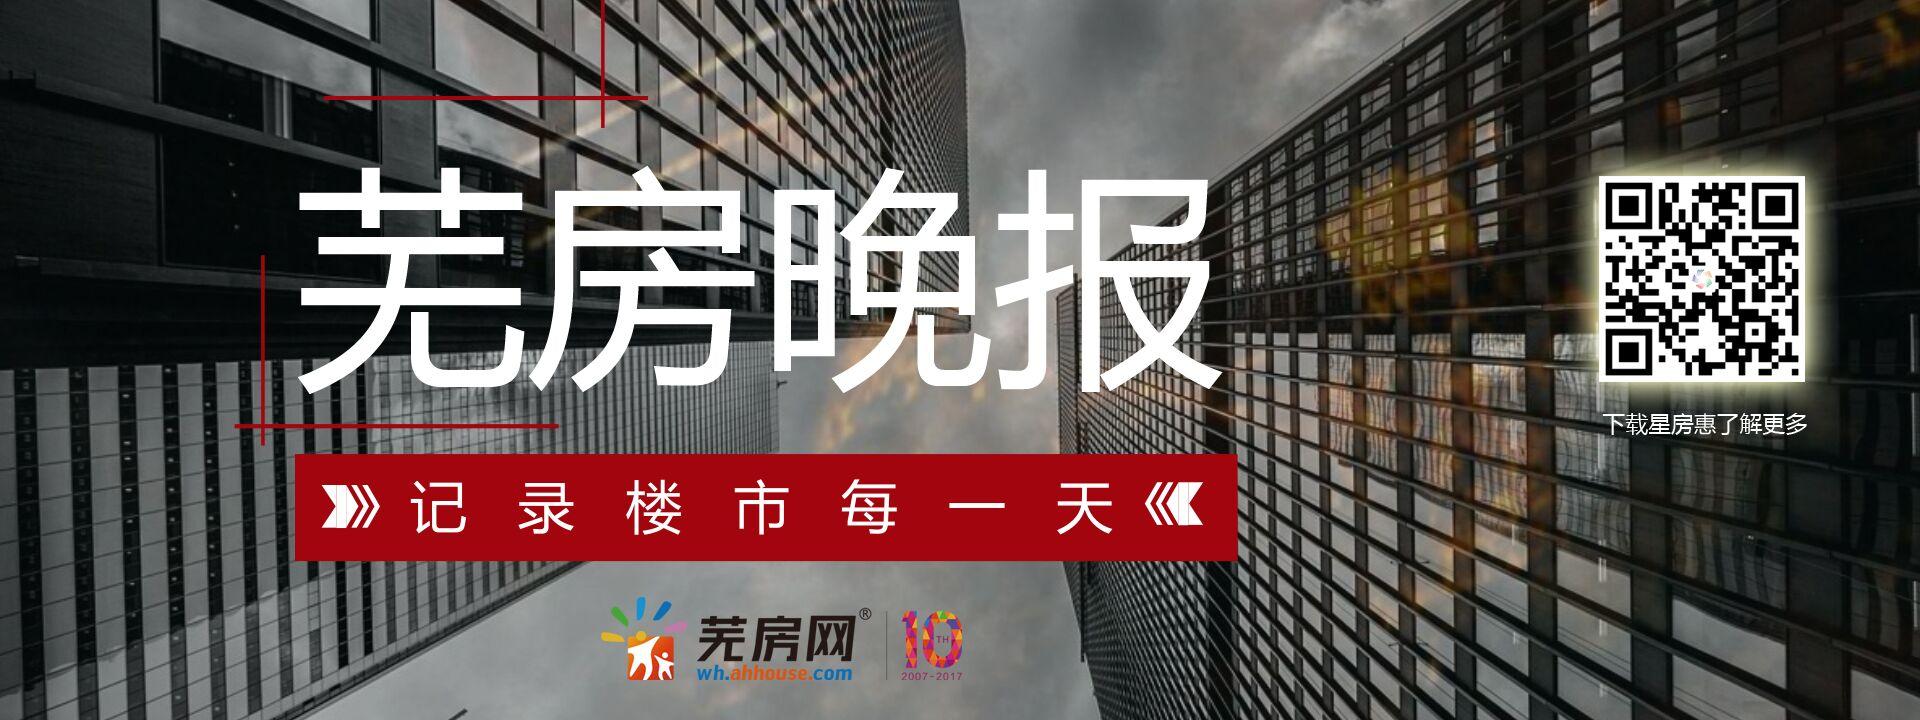 1.16芜房晚报:1月芜湖租金行情出炉,最贵的区域竟是这里!